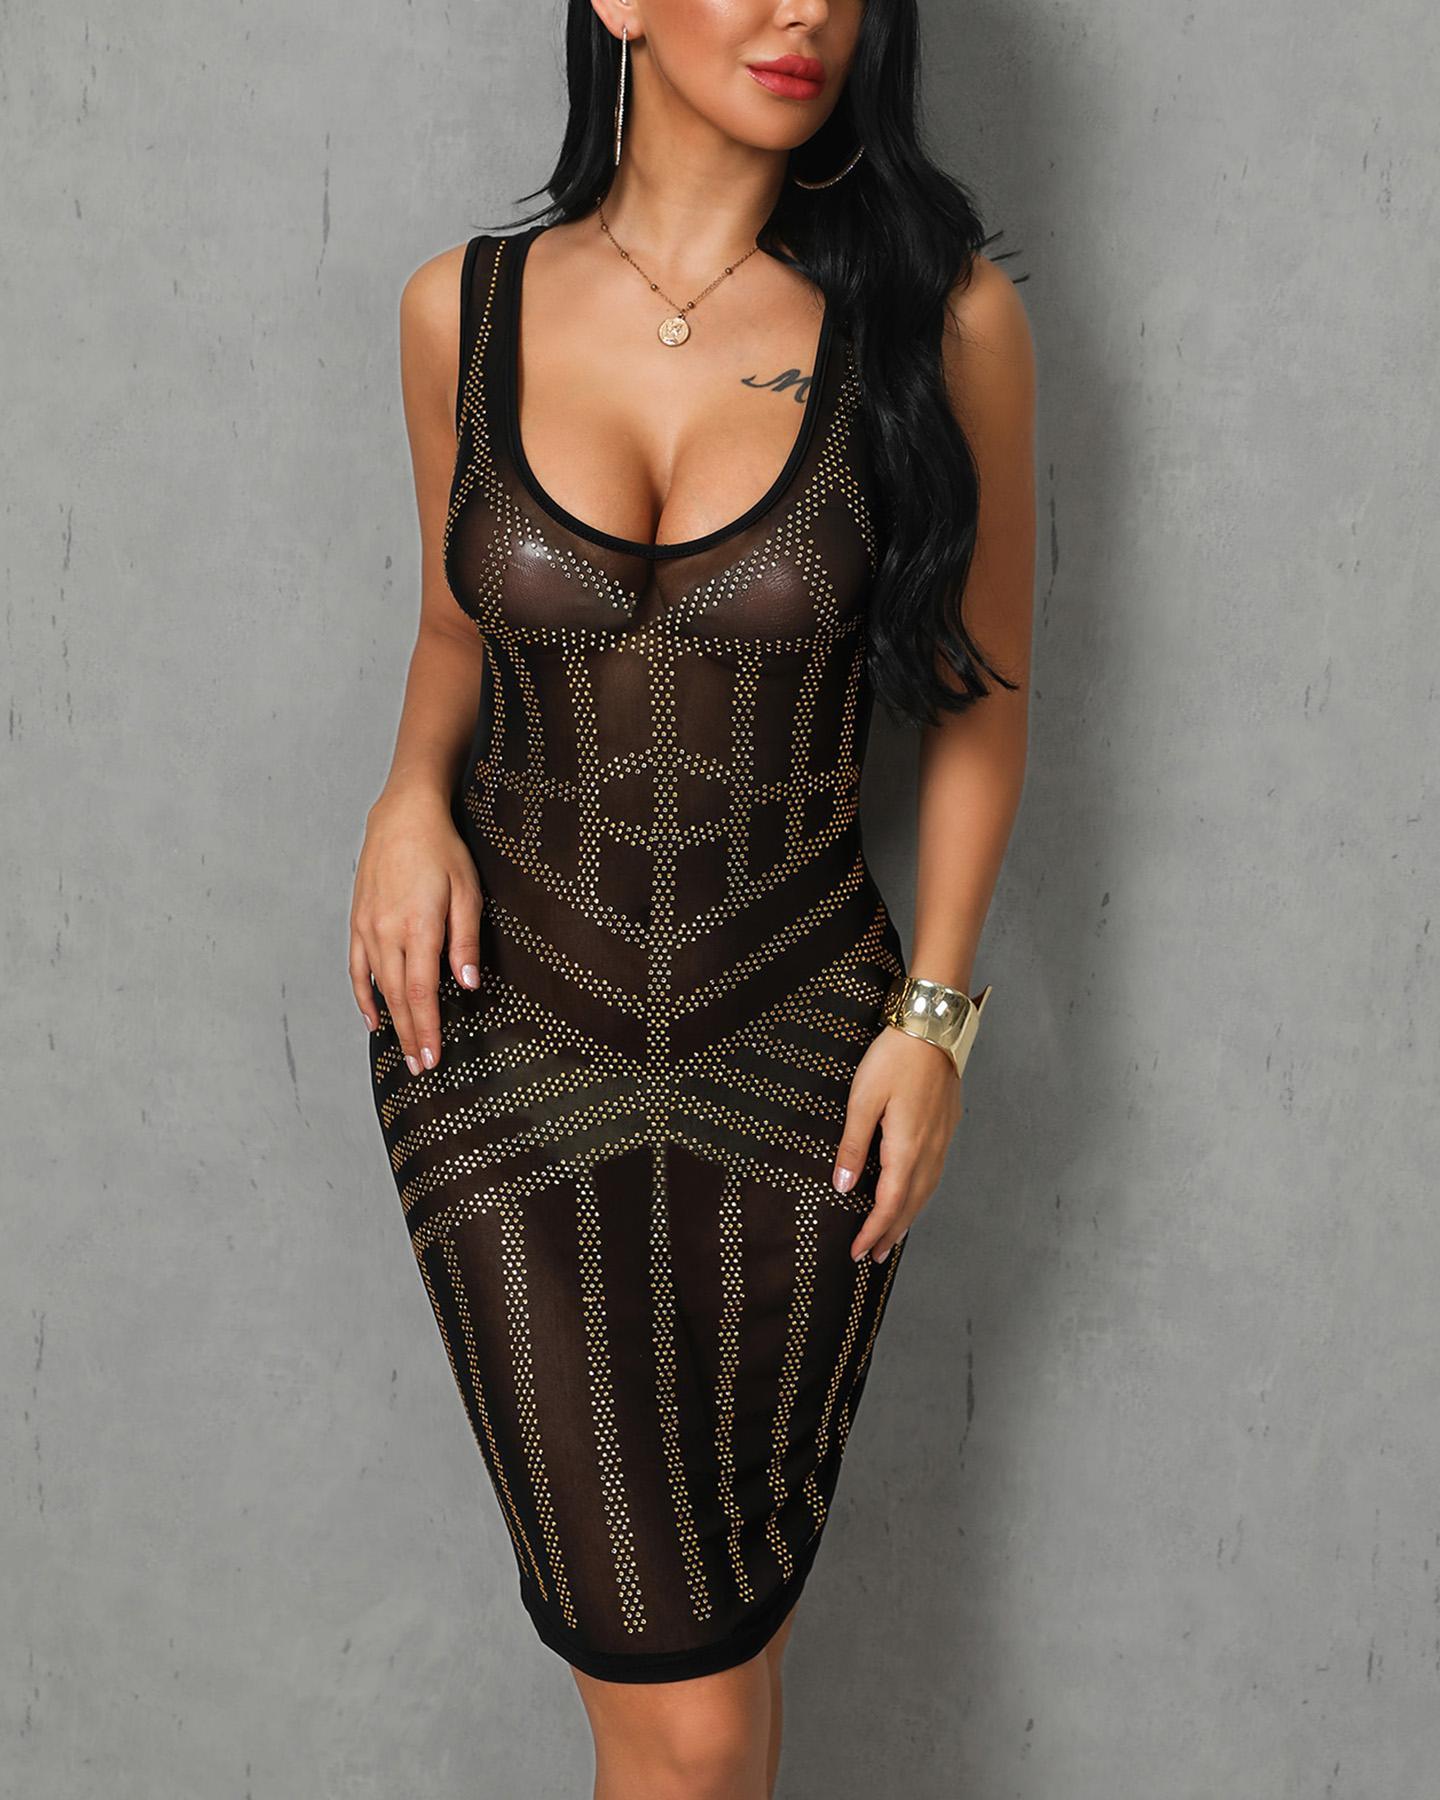 V-neck Mesh Studded Nightclub Dress фото